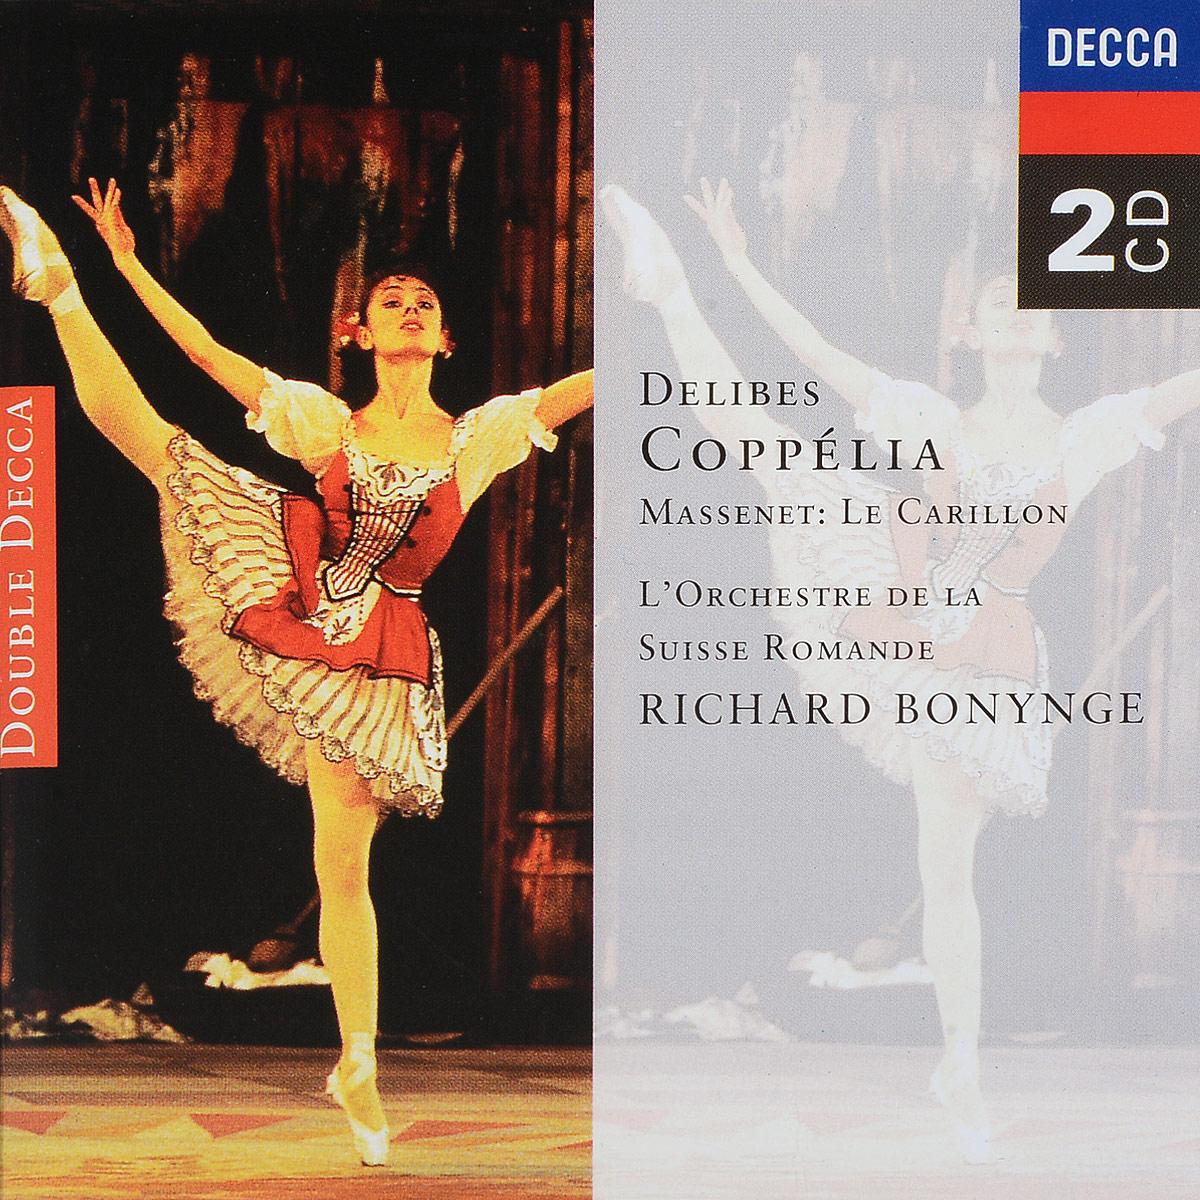 Delibes / Massenet. L'Orchestre De La Suisse Romande, Richard Bonynge. Coppelia / Le Carillon (2 CD) le tartuffe cd